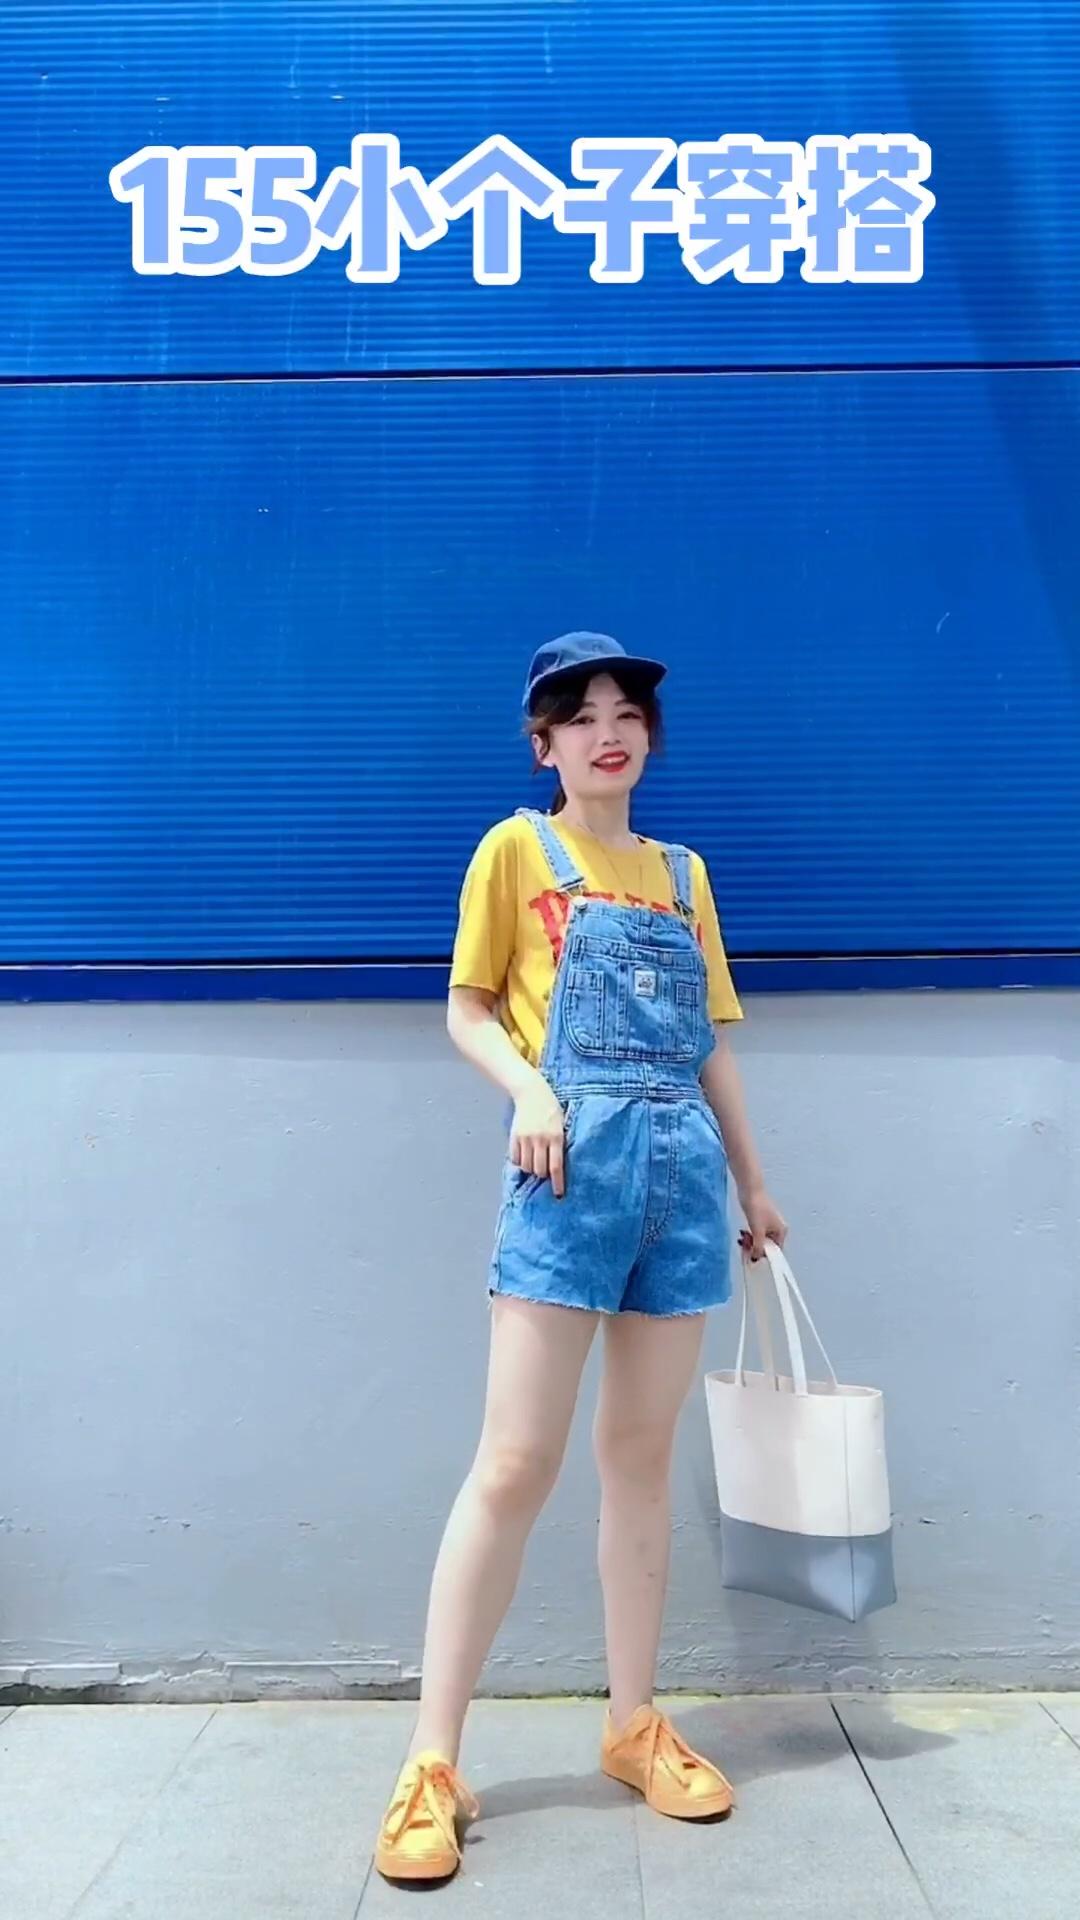 #假期出游,穿什么最清凉?#  黄色+蓝色 hin夏天的配色哦 牛仔背带裤超级减龄哈 搭配卡通tee  一套出游活泼俏皮哈